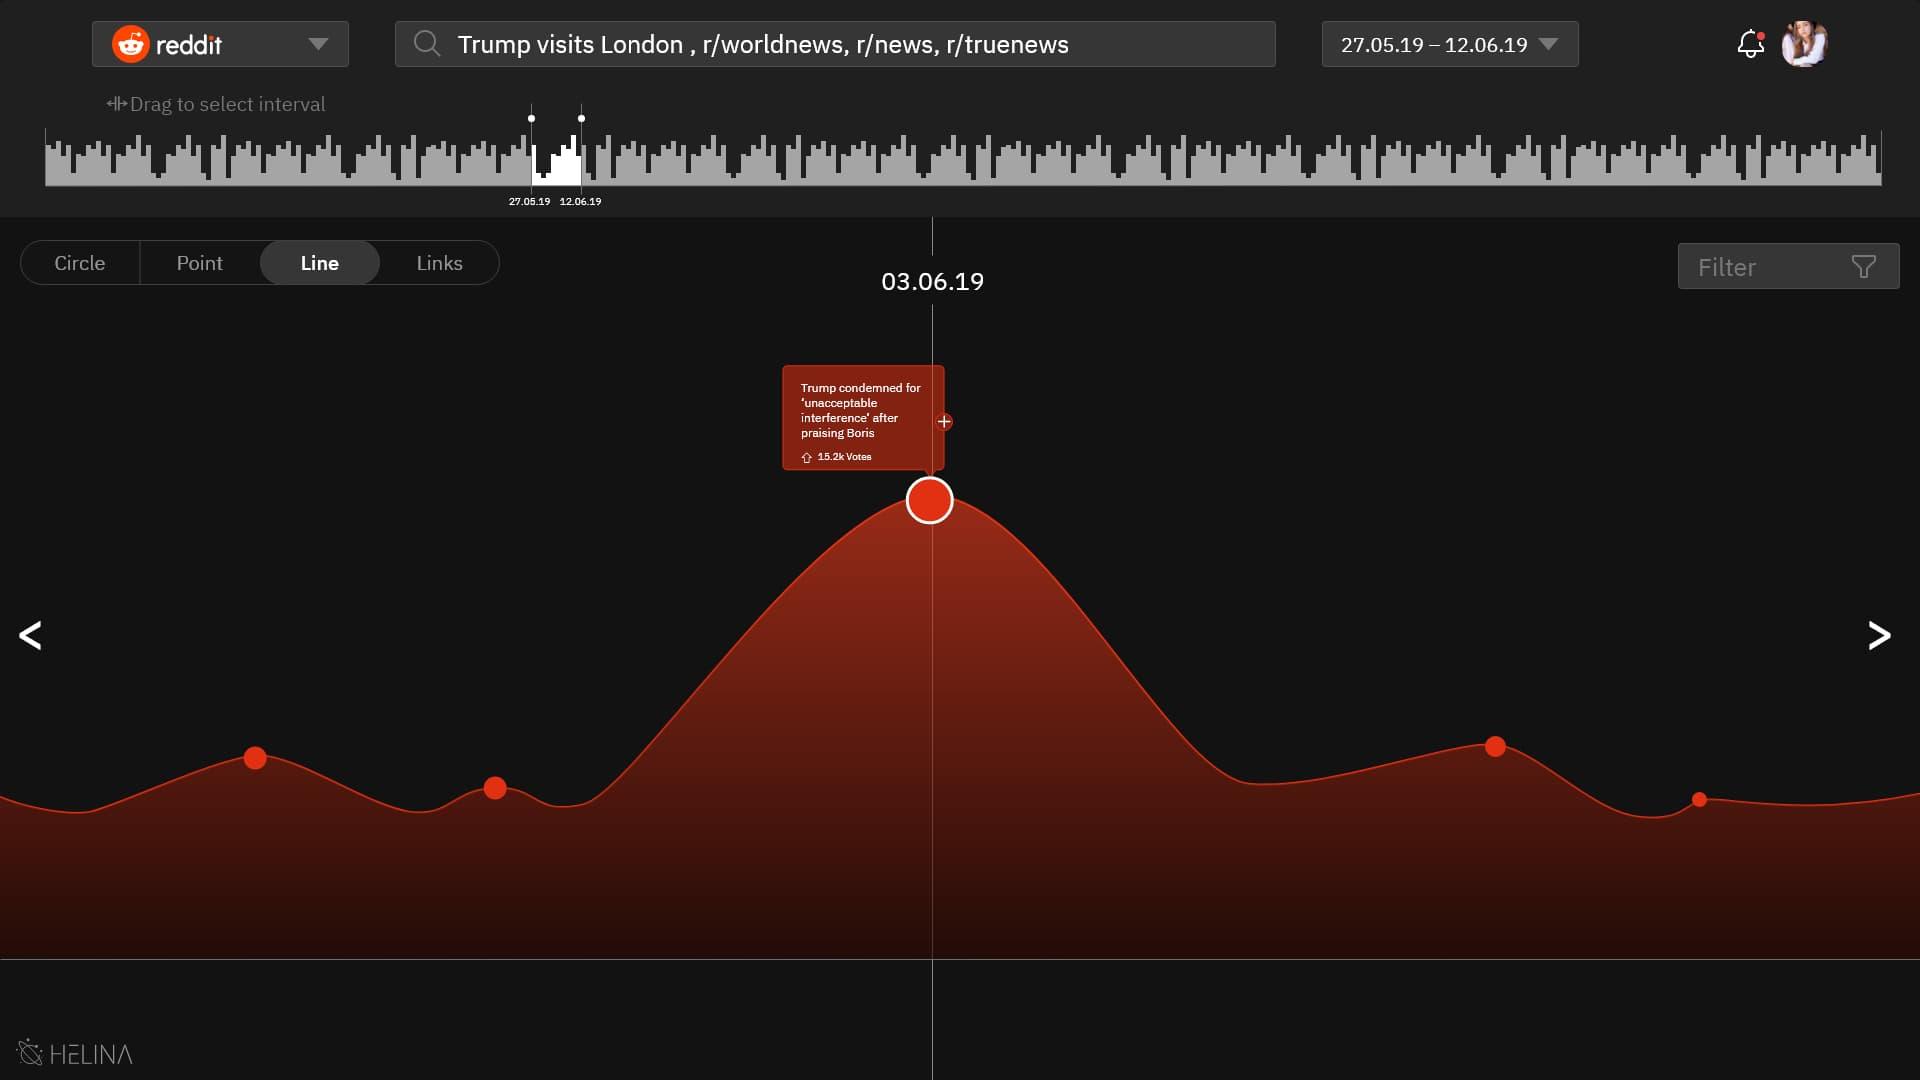 Ansicht mit sauberem Graphen und einzelnen, hervorgehobenen Ereignissen